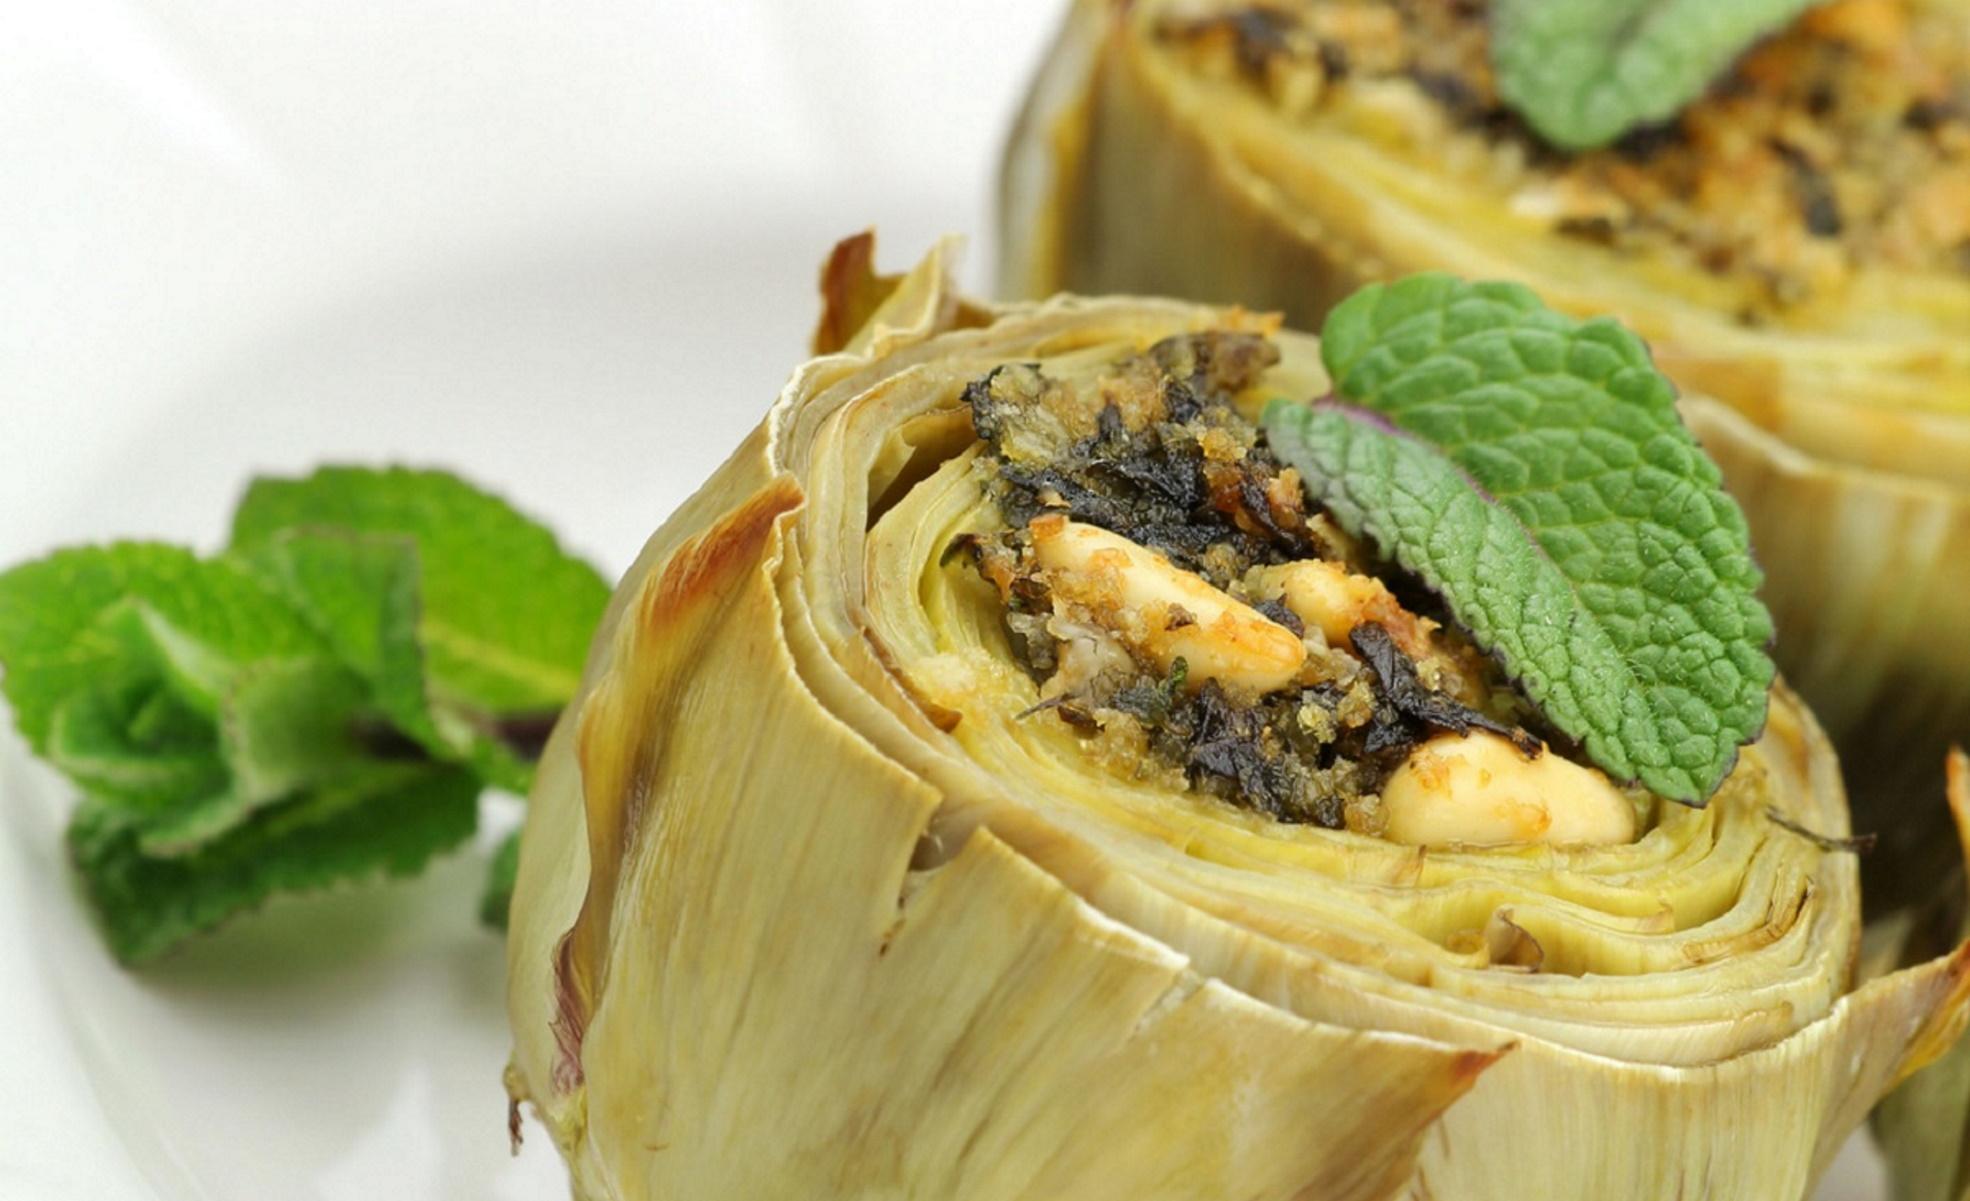 Η ζακυνθινή γεύση που θα σας μείνει αξέχαστη: Αγκινάρες παραγιομιστές